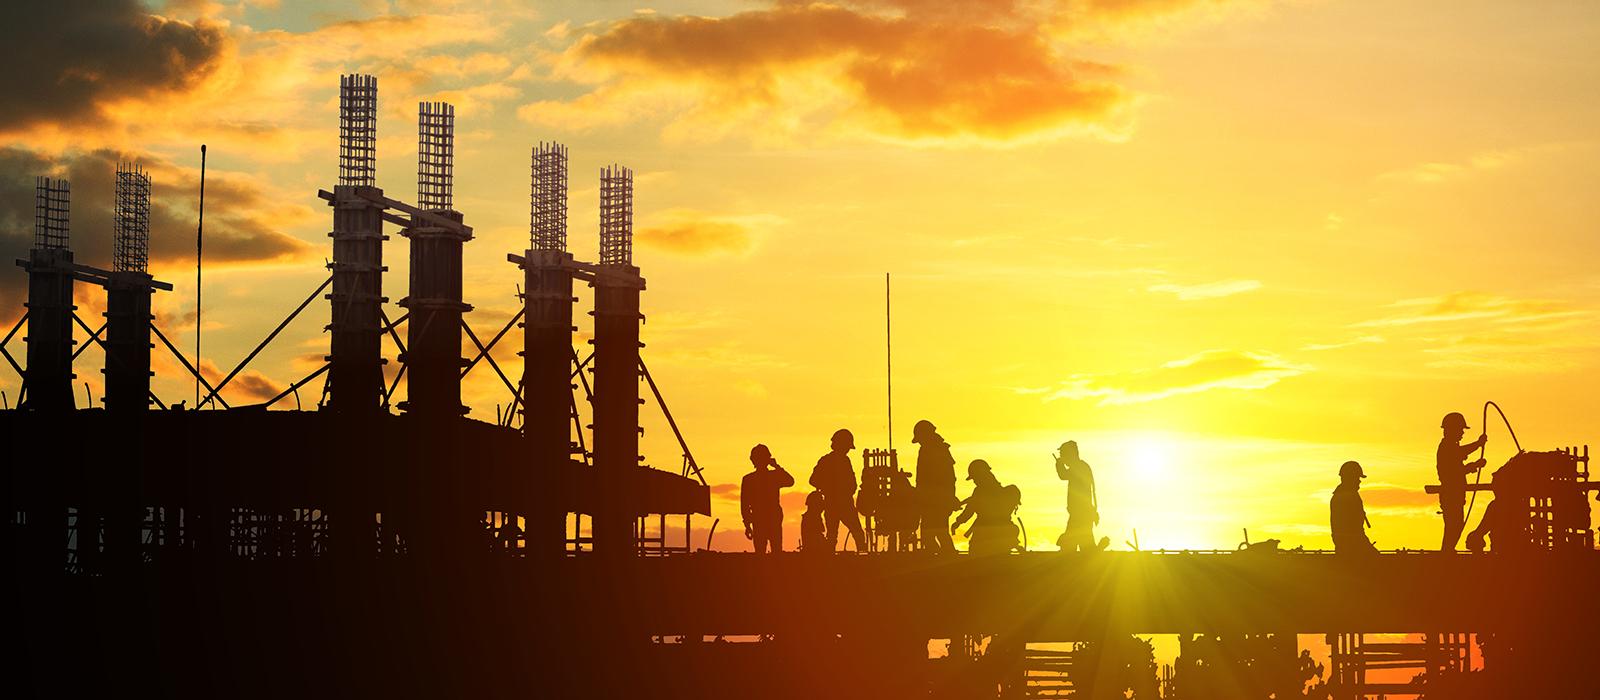 Image: Construction sunset